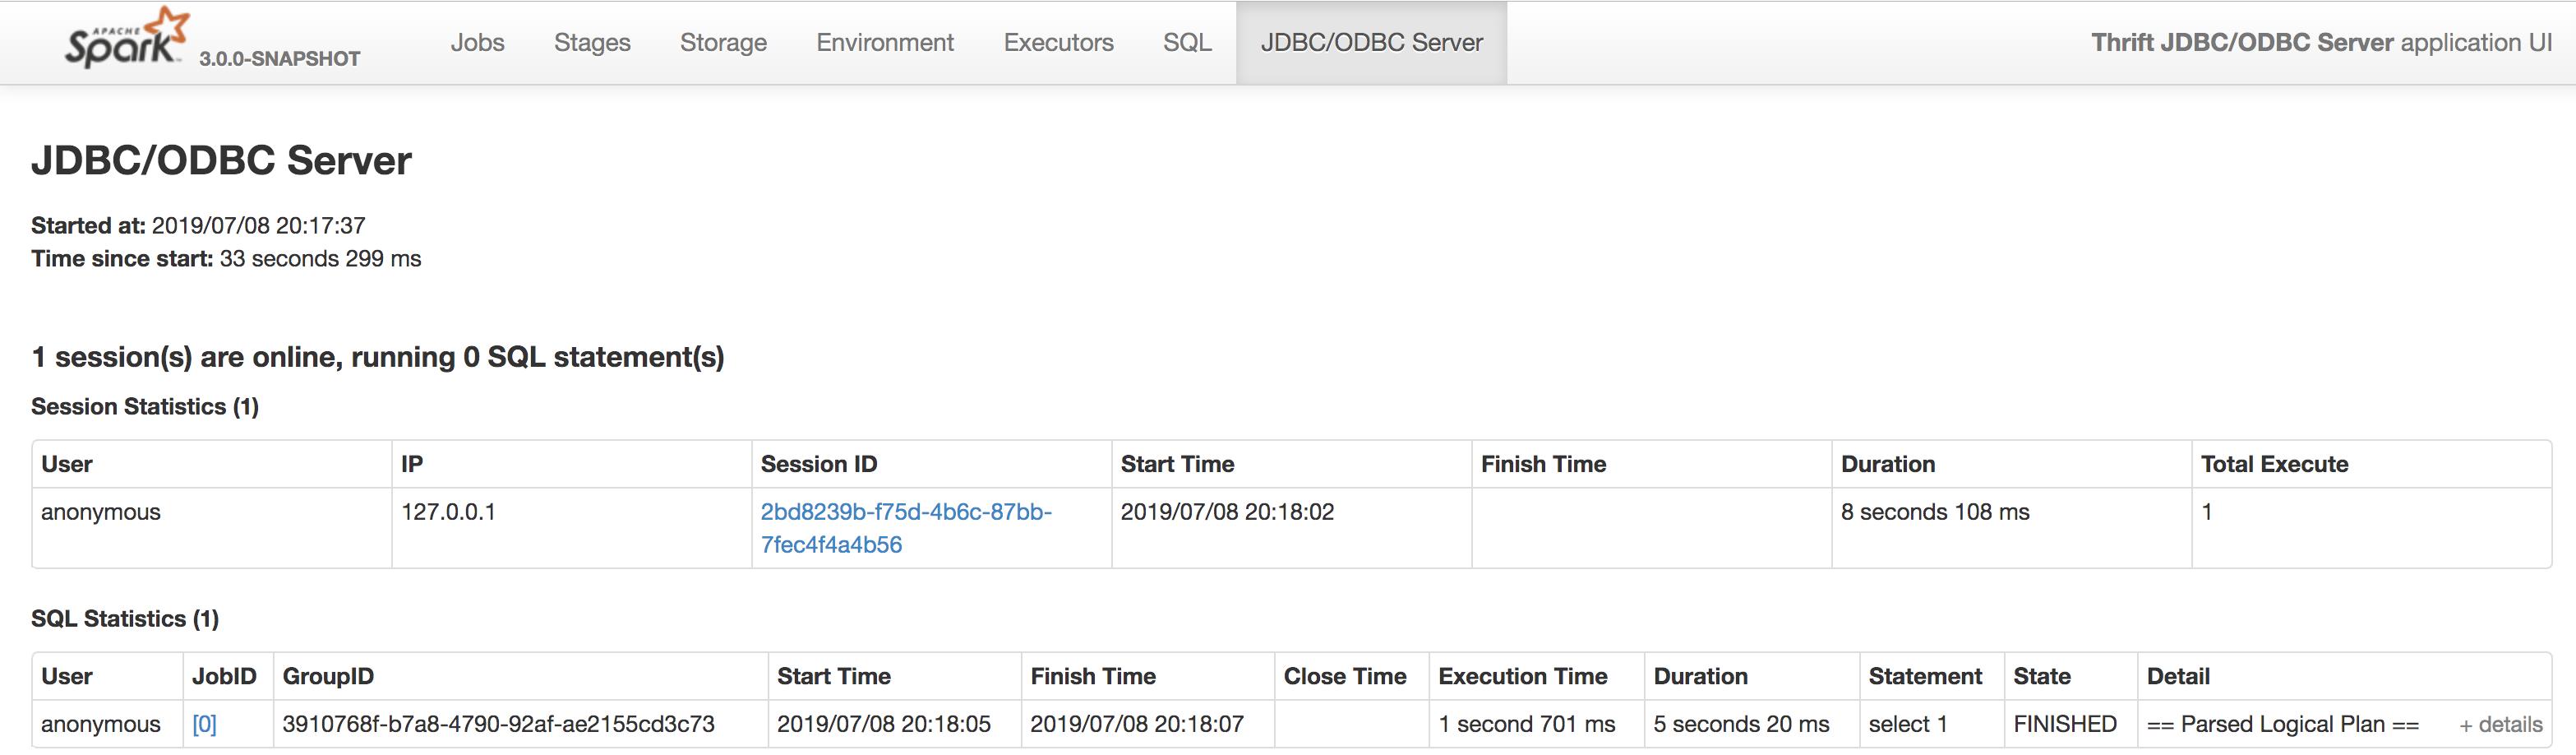 SPARK-28373] Document JDBC/ODBC Server page - ASF JIRA